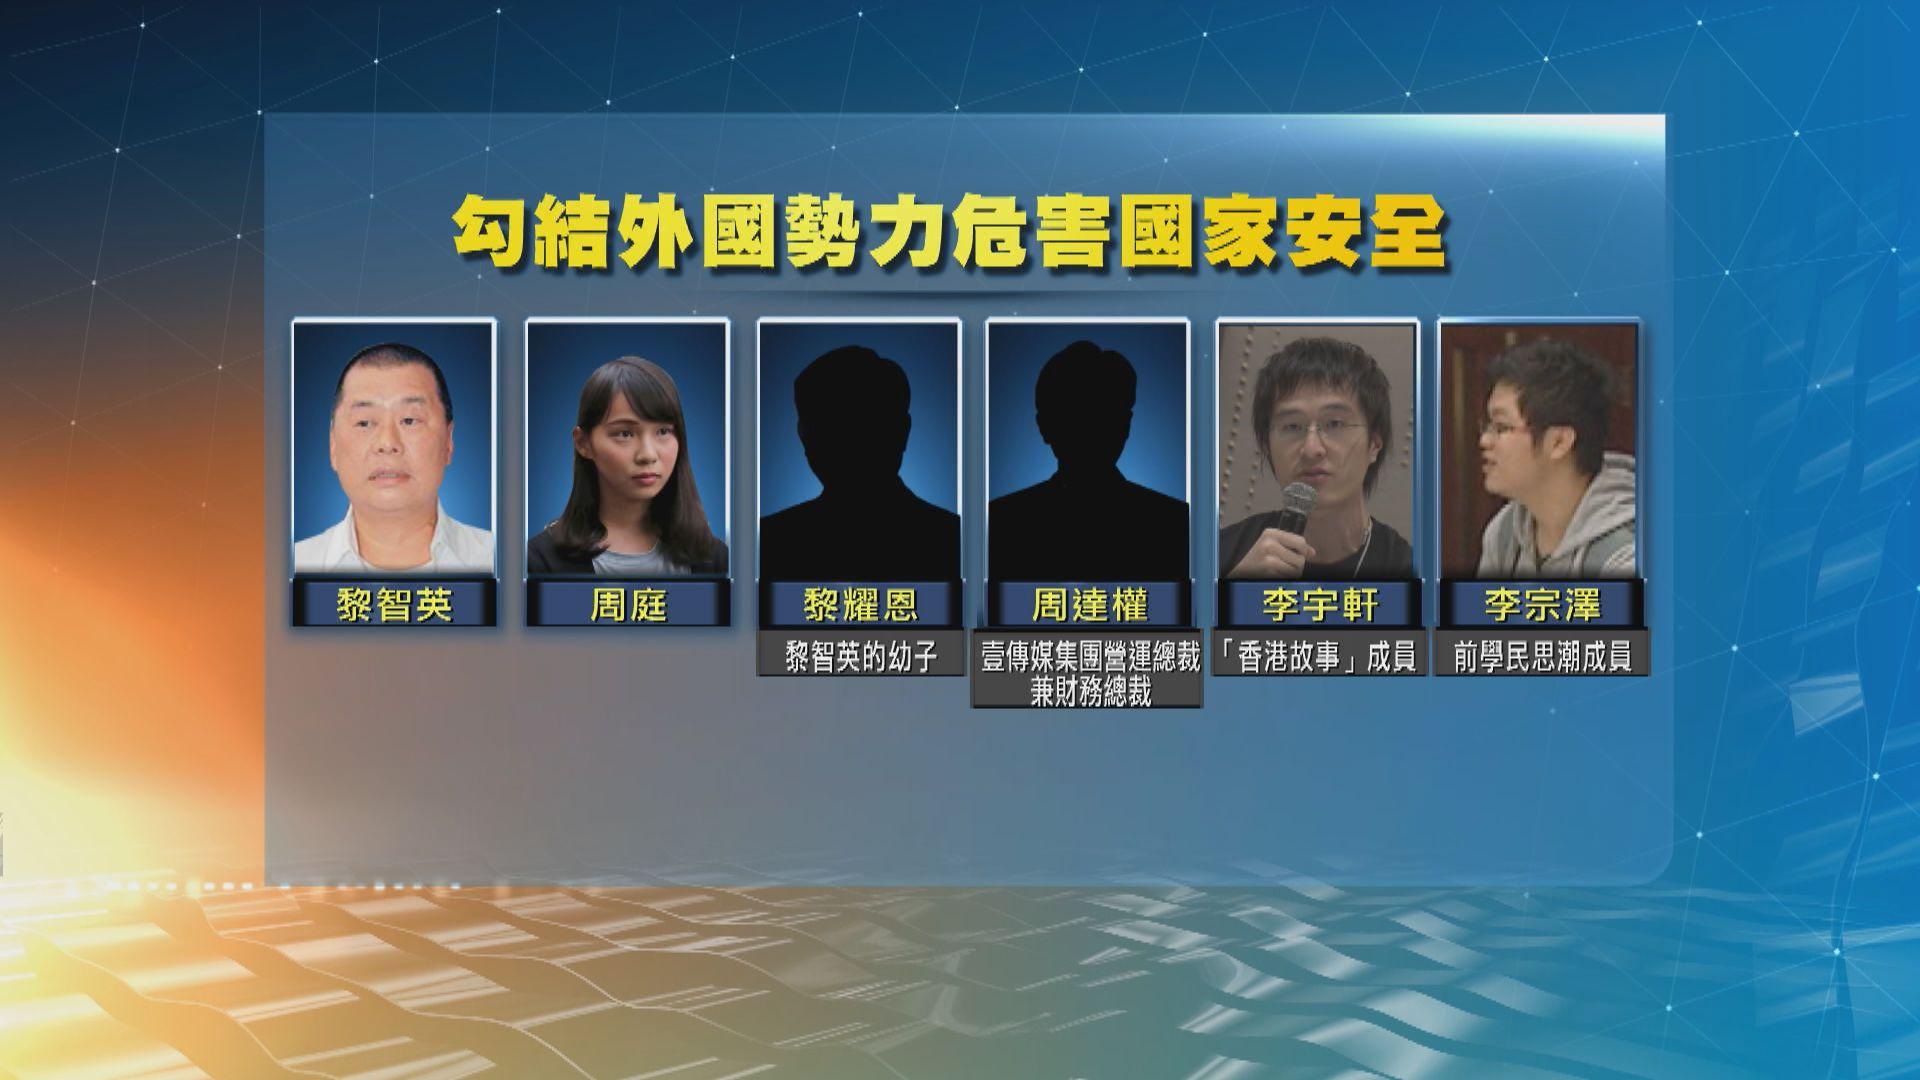 警拘黎智英、周庭等六人 涉運作及資助組織促外國制裁